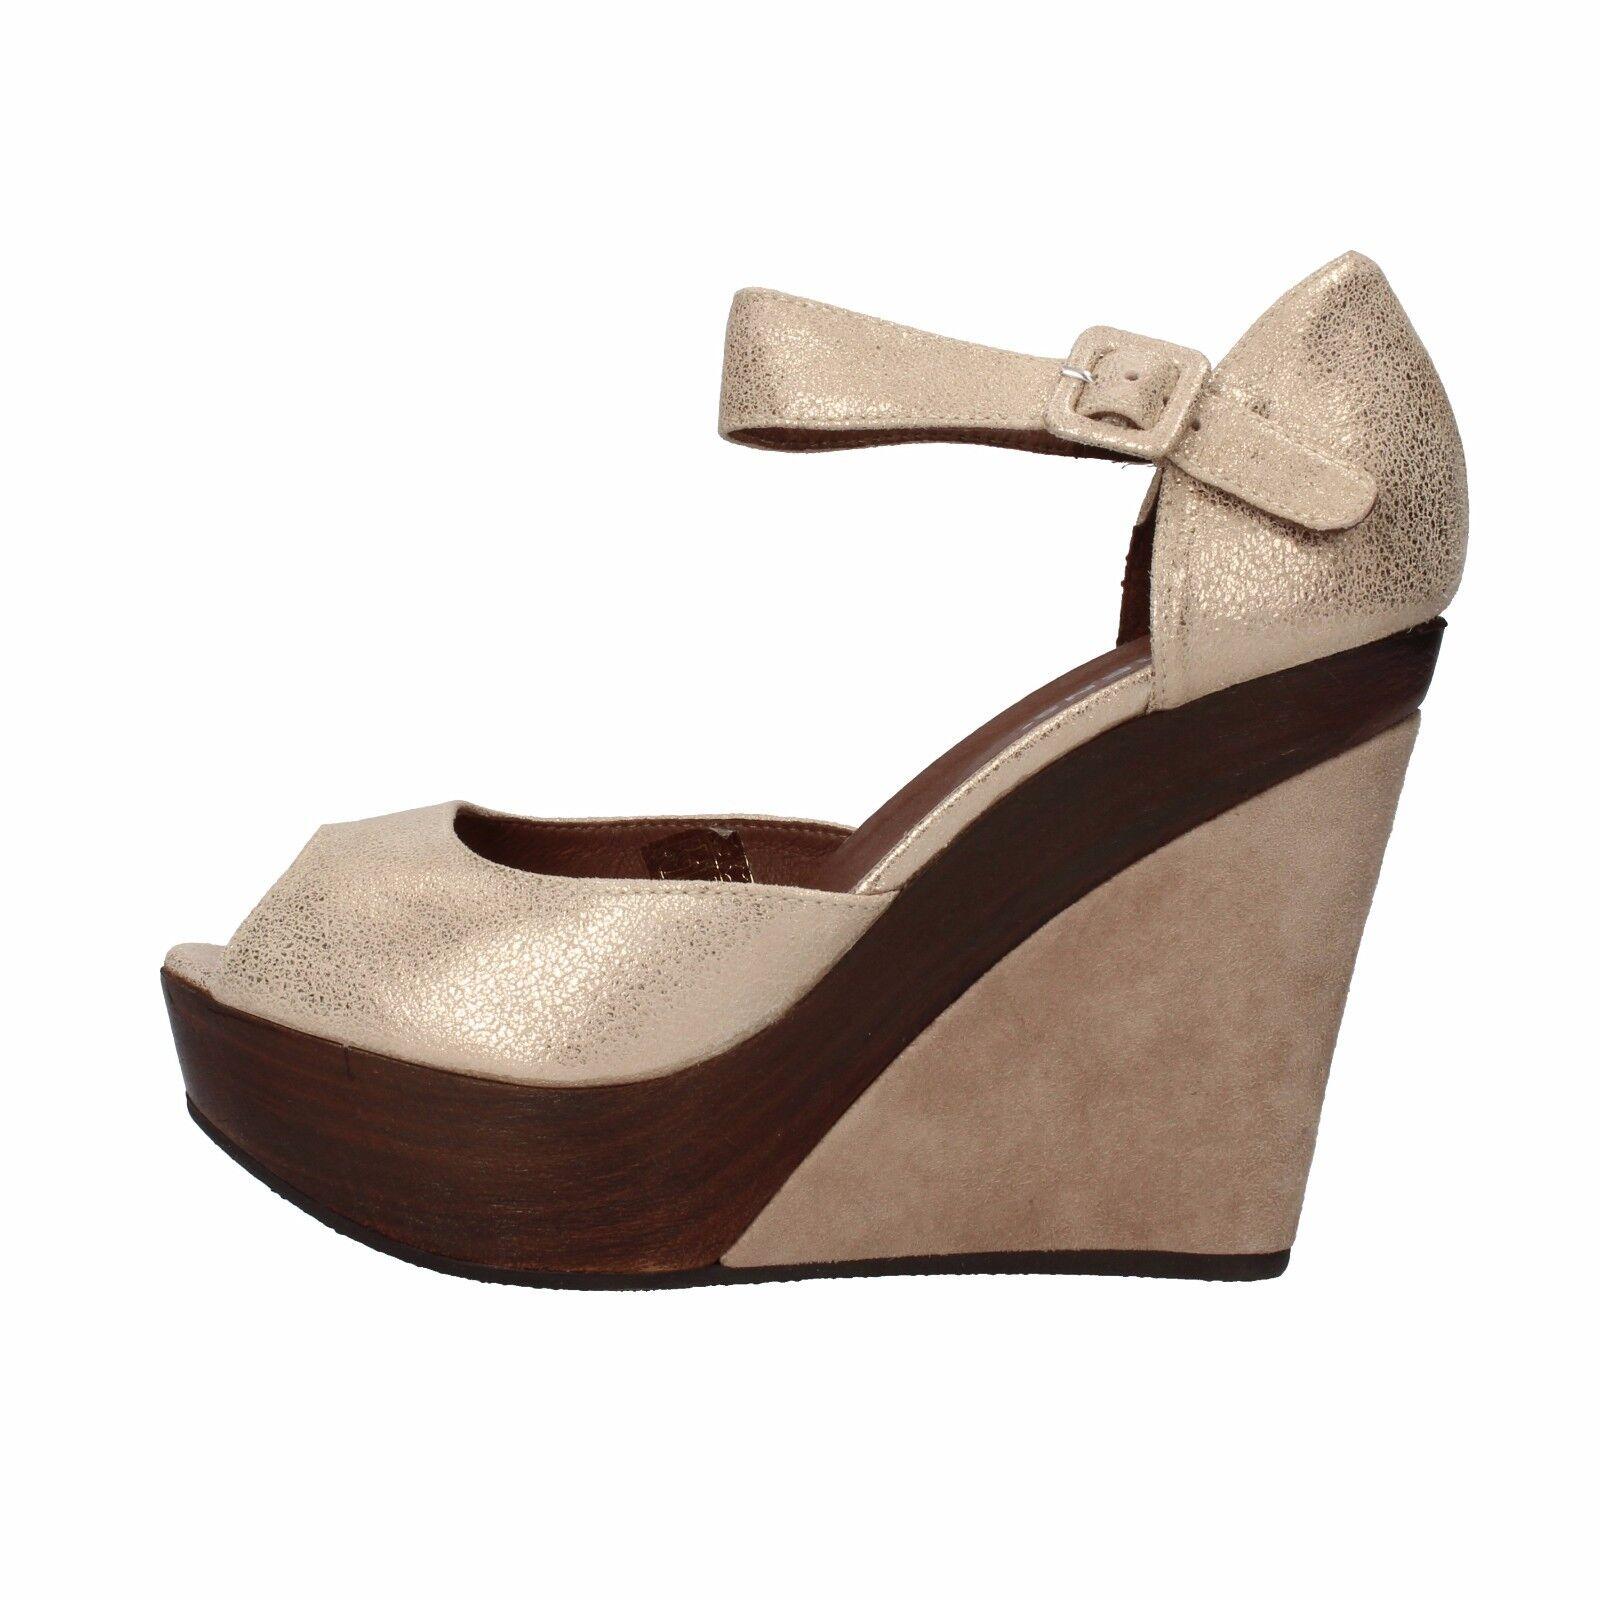 Scarpe platino donna CARUomo 39 EU sandali sandali sandali zeppe platino Scarpe   f554ed